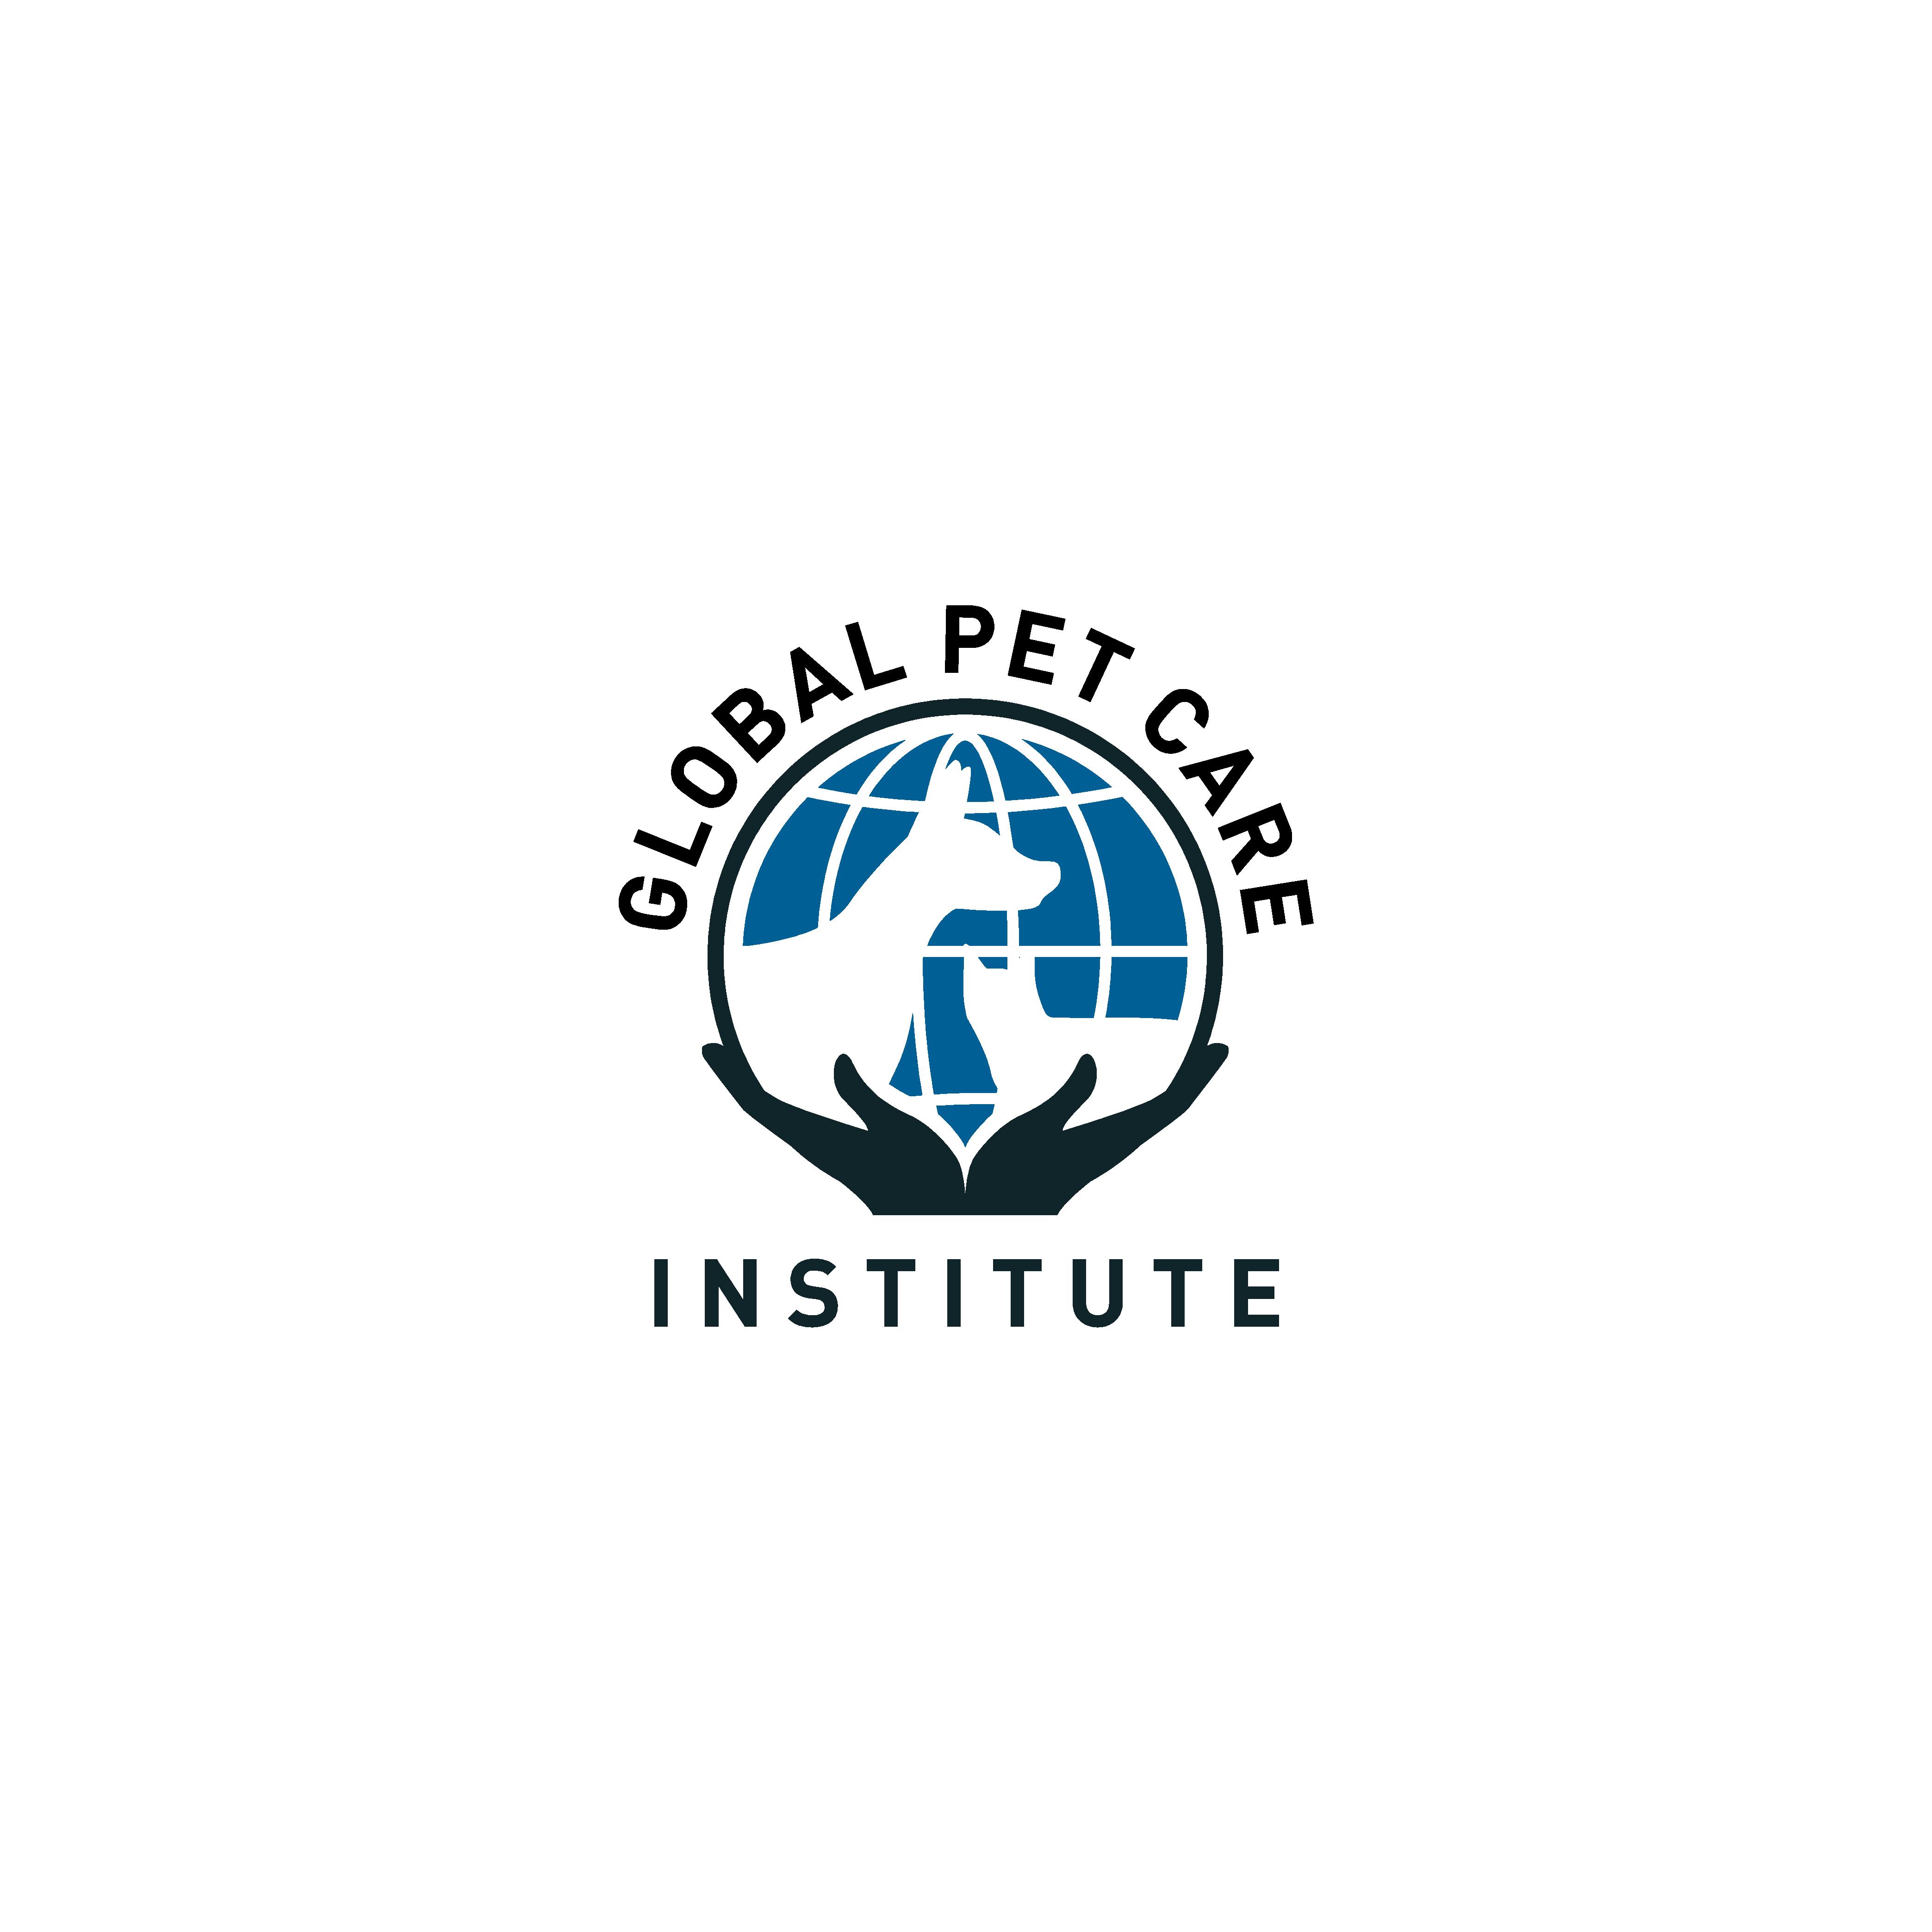 Need sharp, memorable logo for global pet educational institute